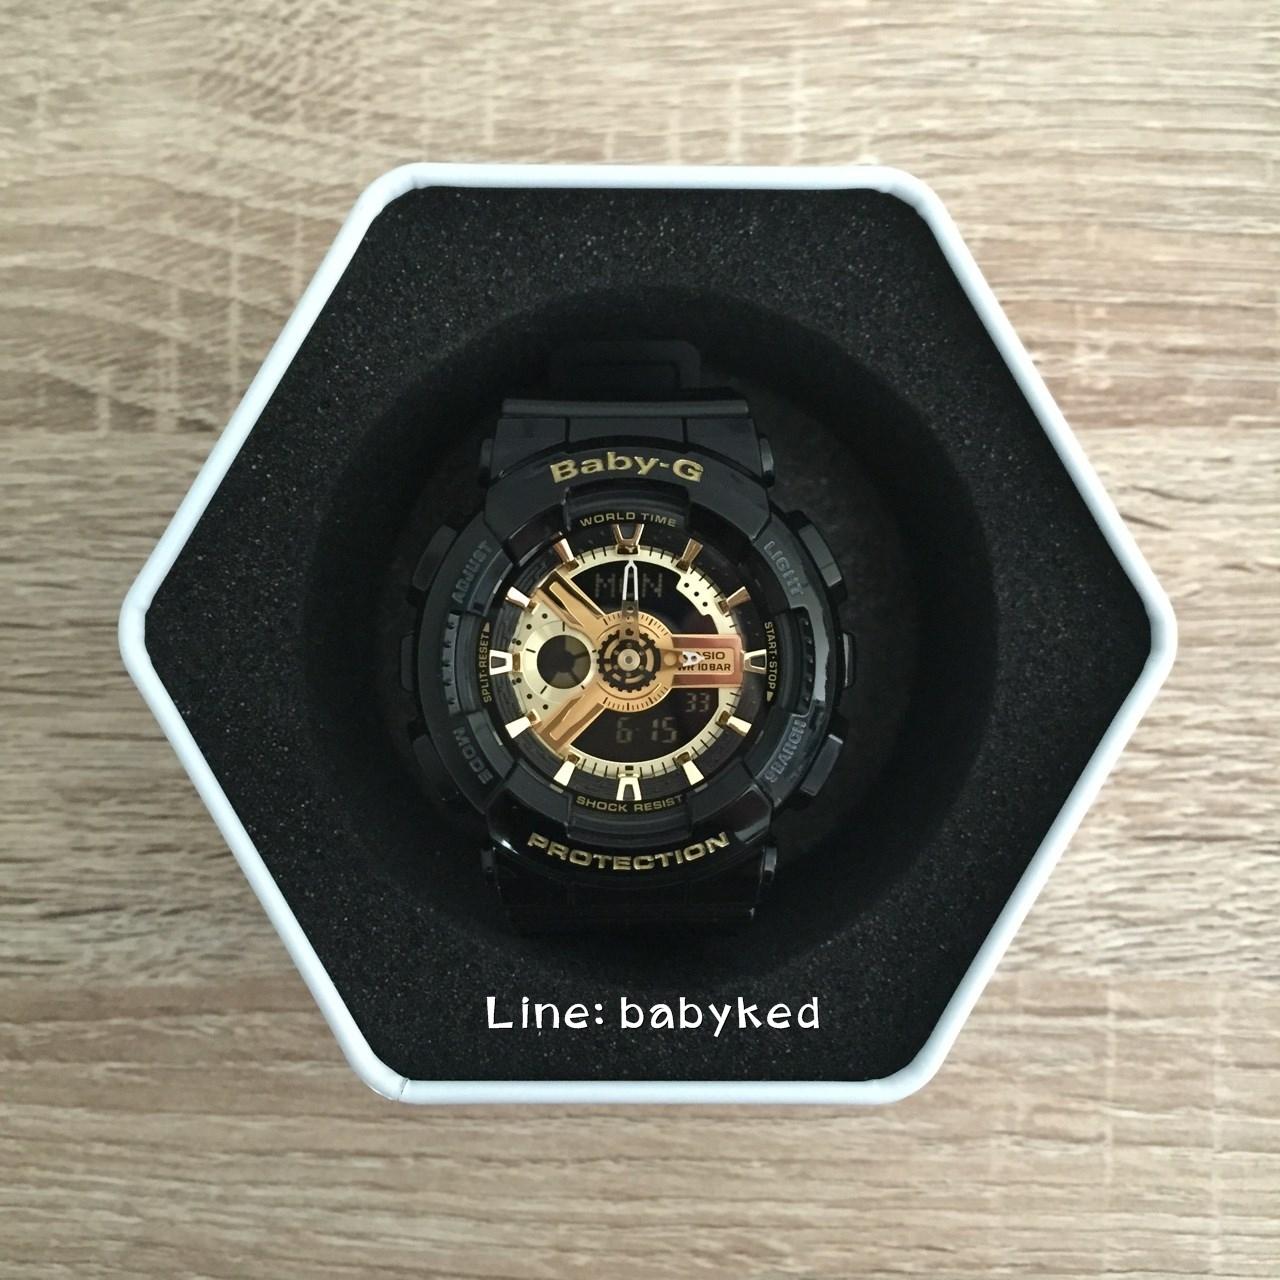 Baby-G ดำทอง BA-110-1 ของแท้100% ของใหม่อุปกรณ์ครบ 4,100 บาท